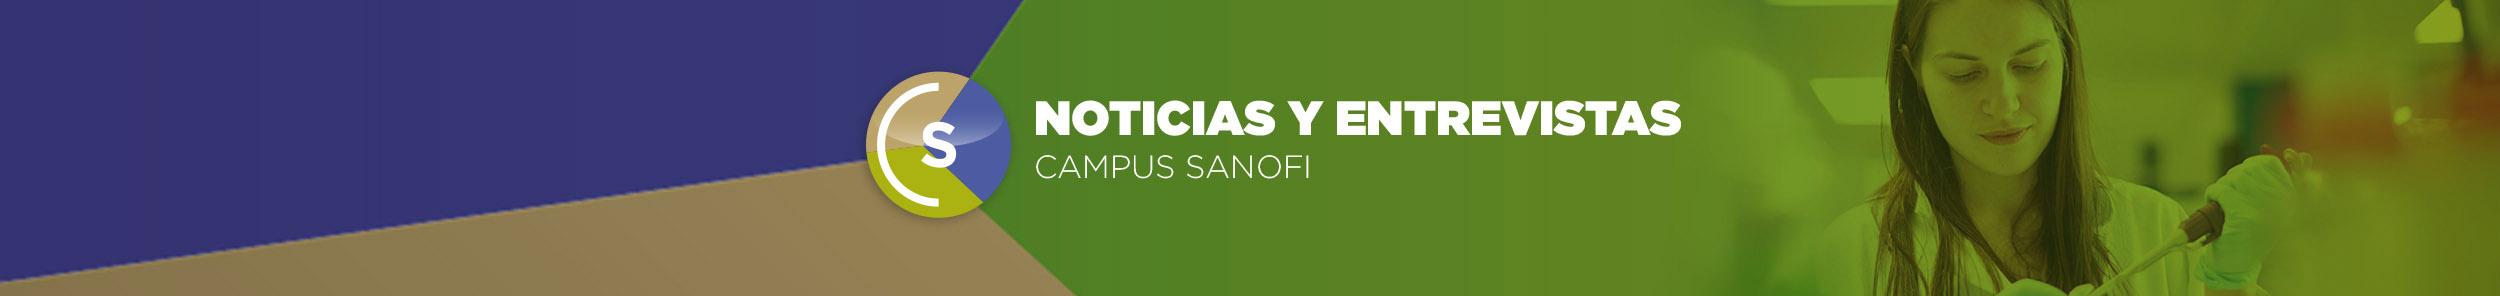 banner urgencia digital